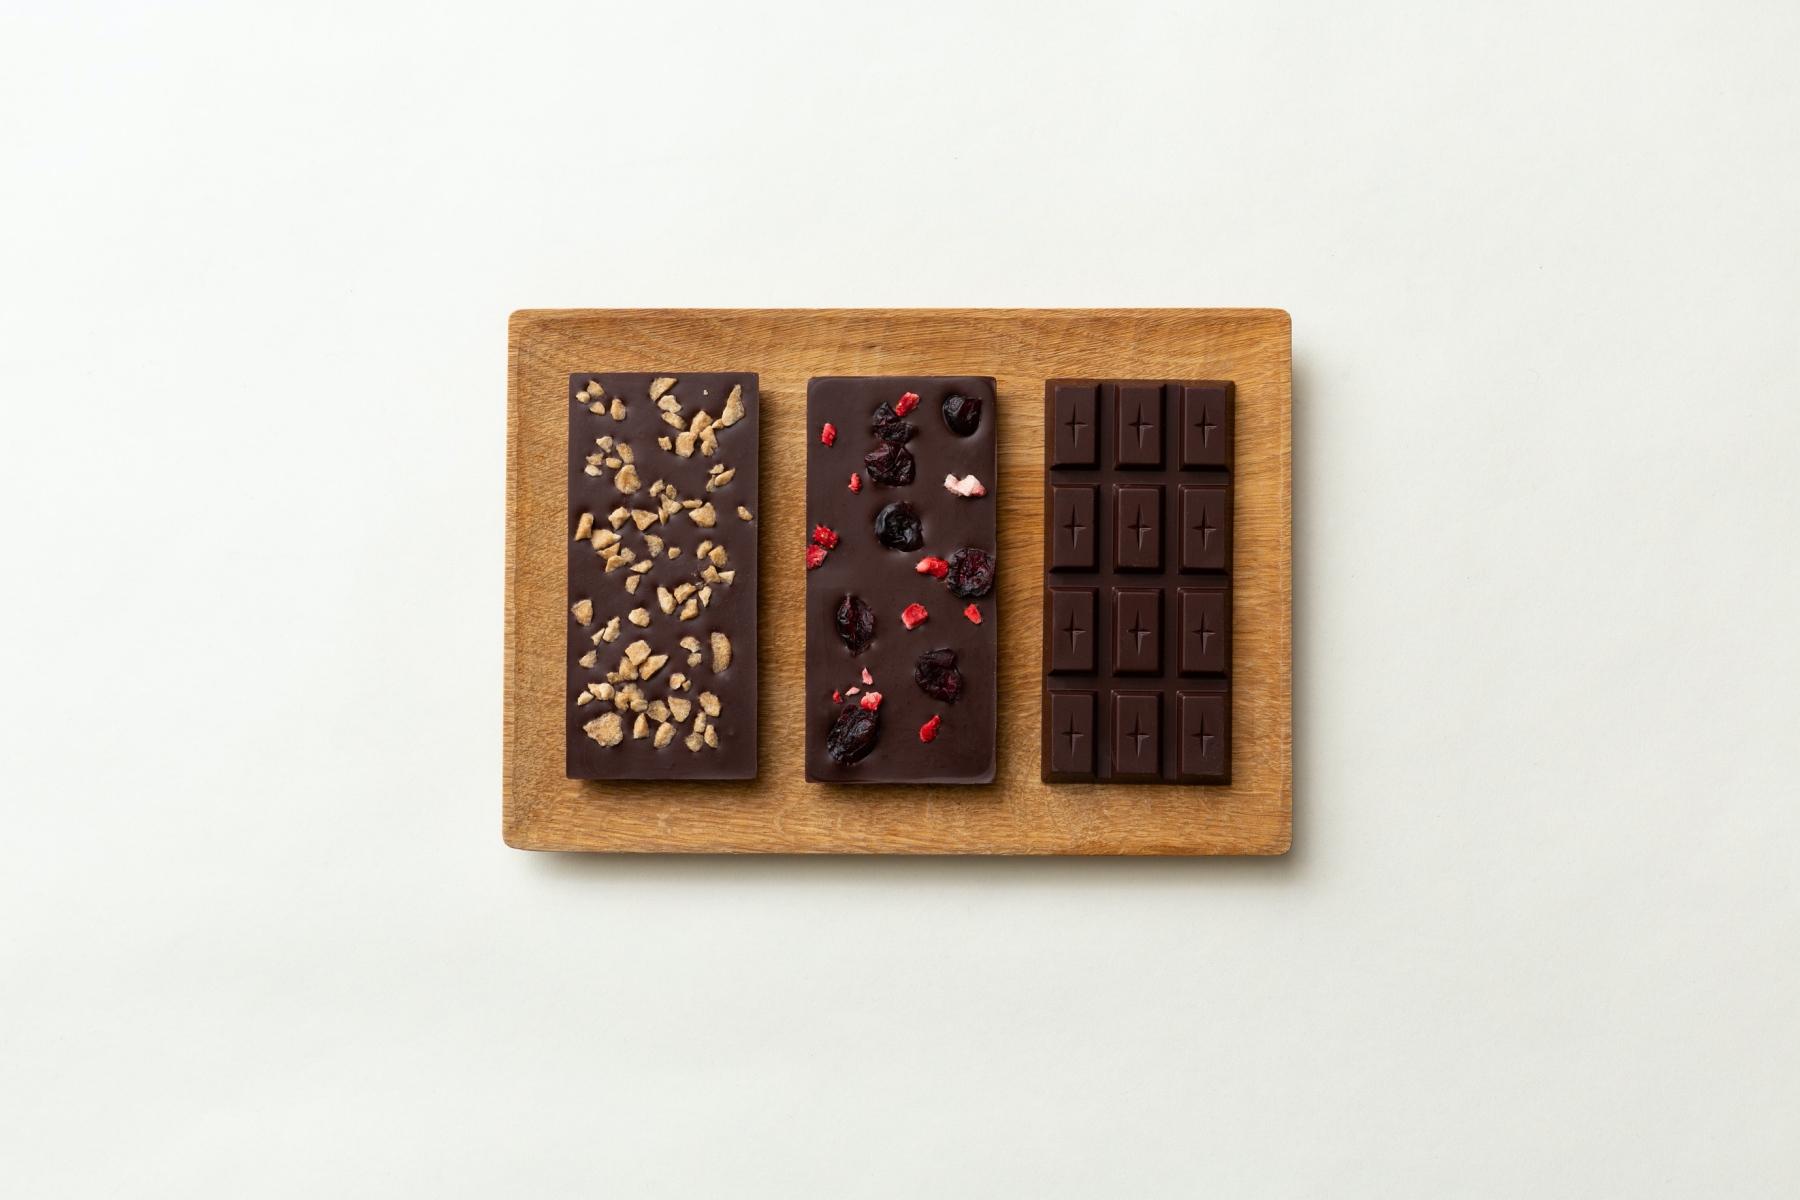 森岡書店 × SIXIÈME GINZA【保護犬保護猫支援】チョコレートが期間限定で登場